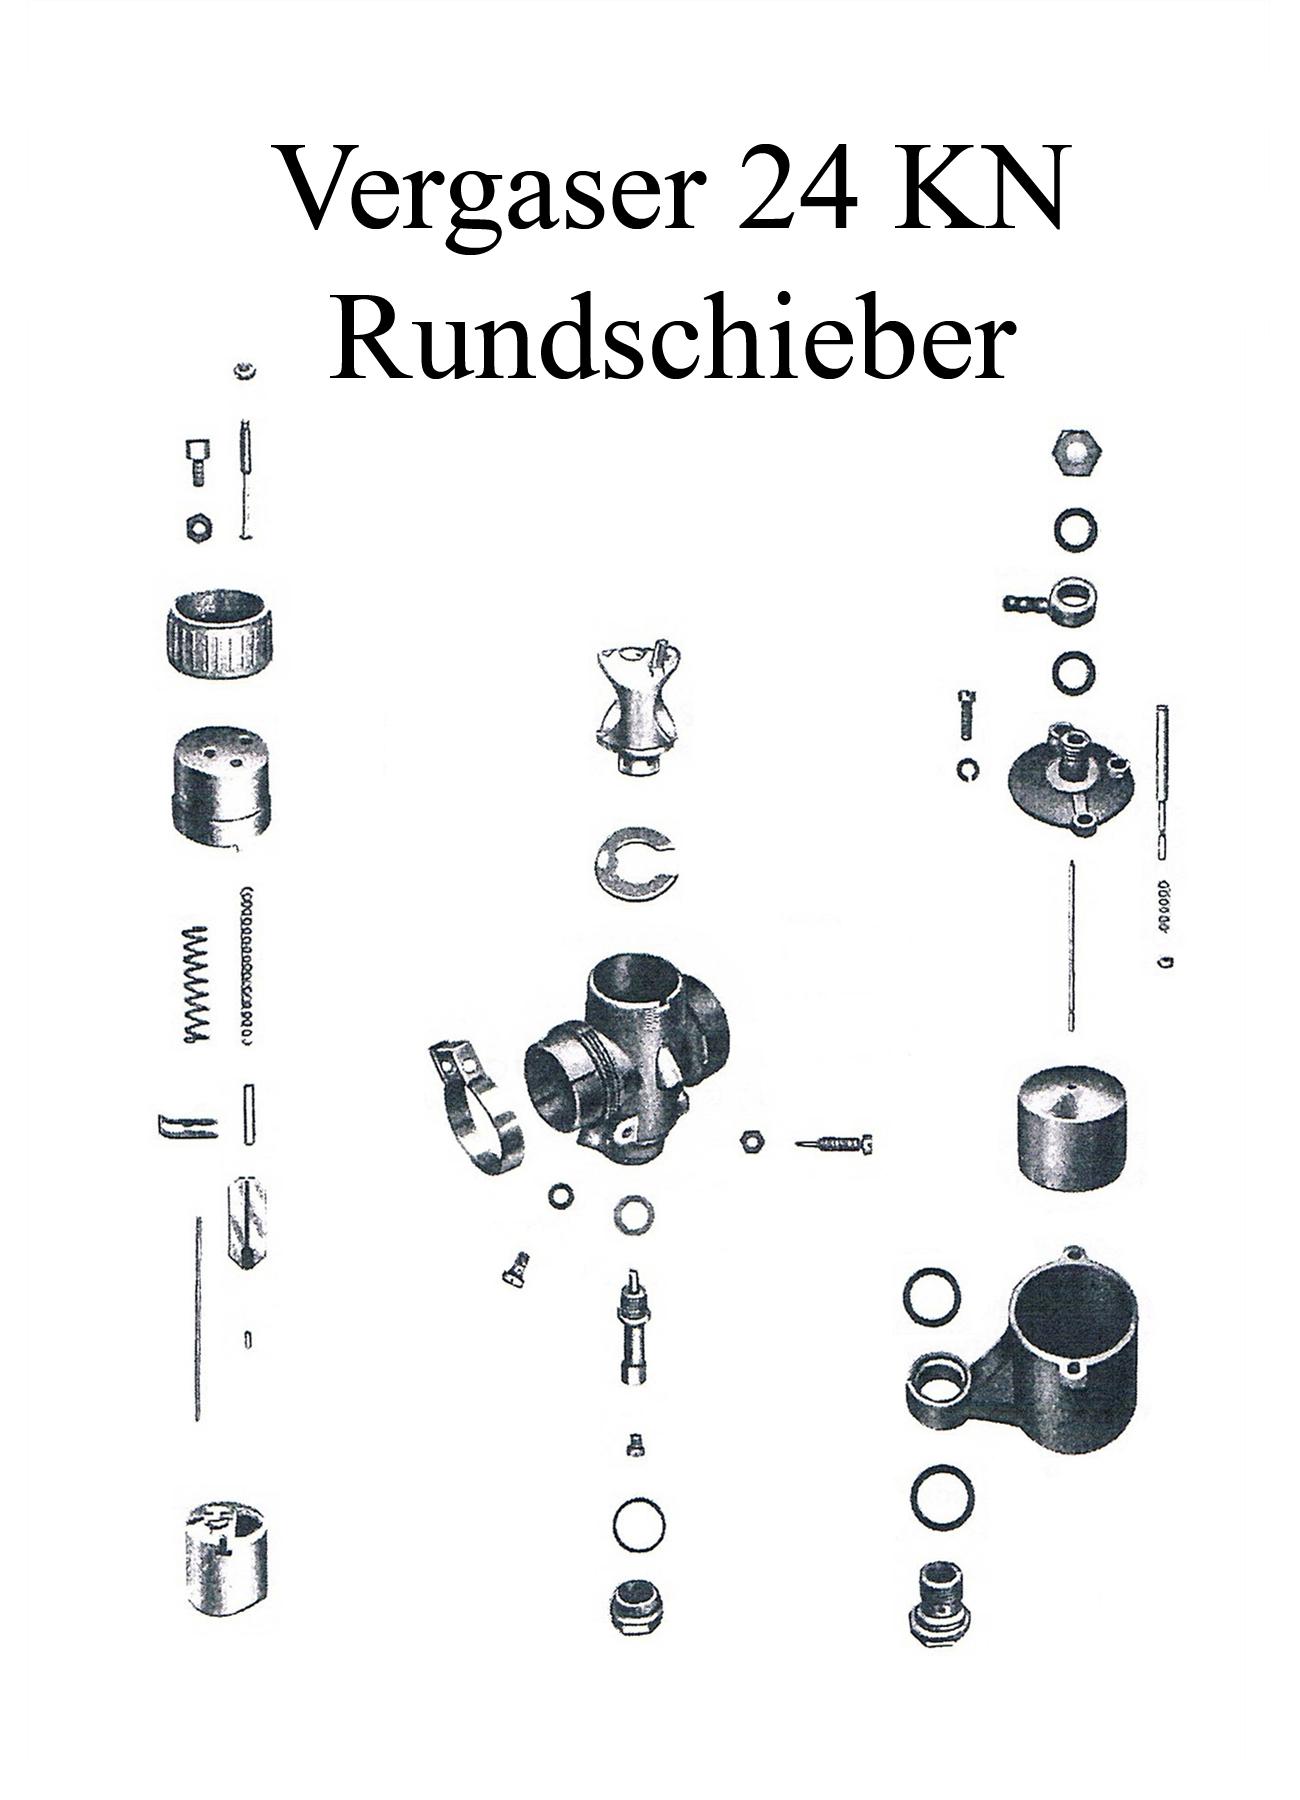 DDR-Motorrad IWL Berliner Roller SR 59 Ersatzteileliste Rundschiebervergaser 24KN Düsen Dichtungen Schwimmer Nadelhalter